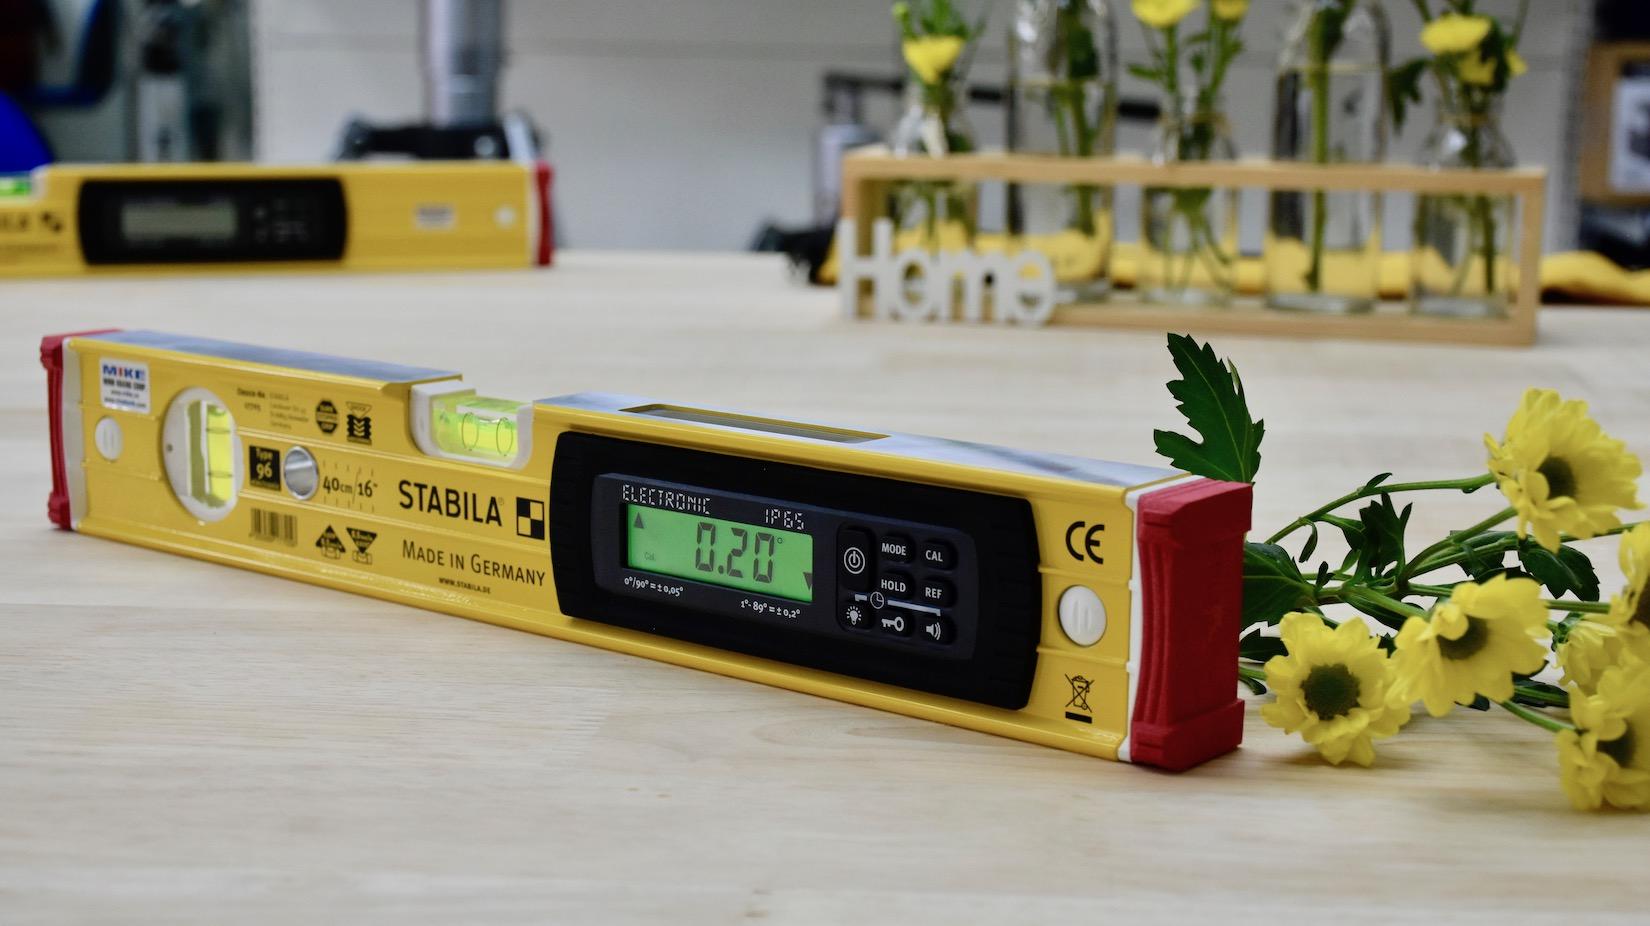 Đáp ứng tiêu chuẩn Châu Âu đối với mọi loại nivo điện tử Stabila